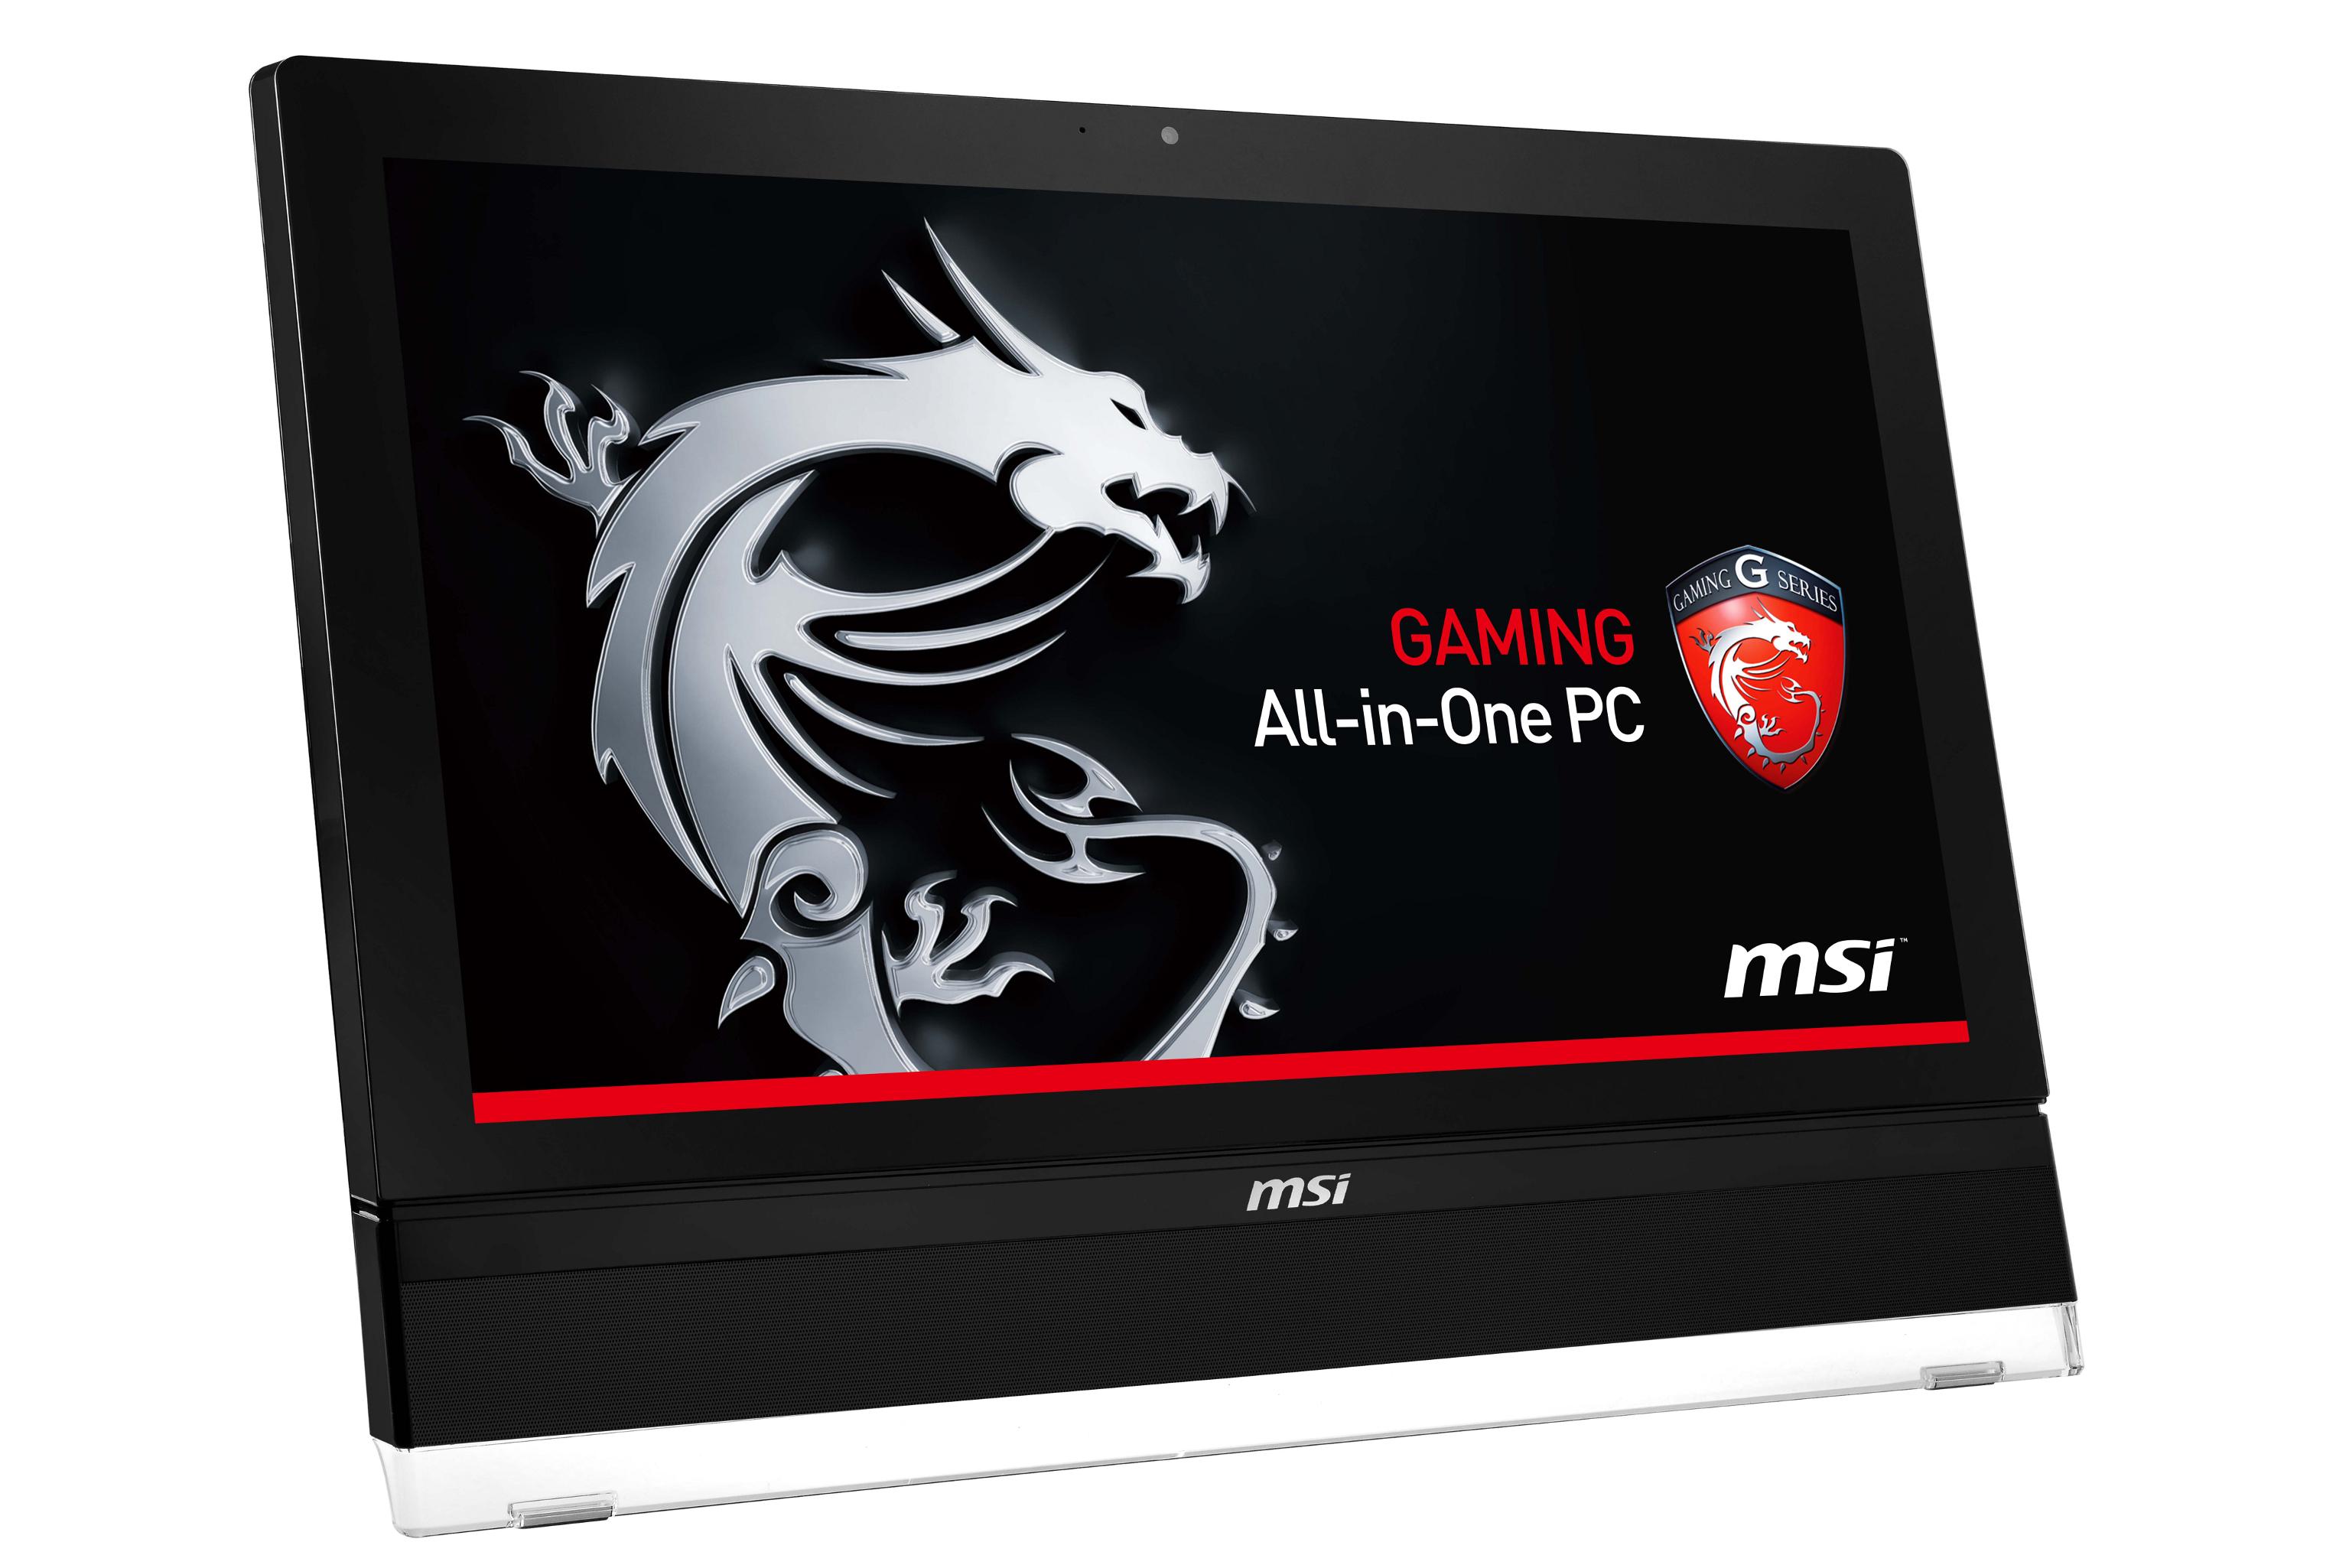 MSI lanza un ordenador todo en uno para gamers